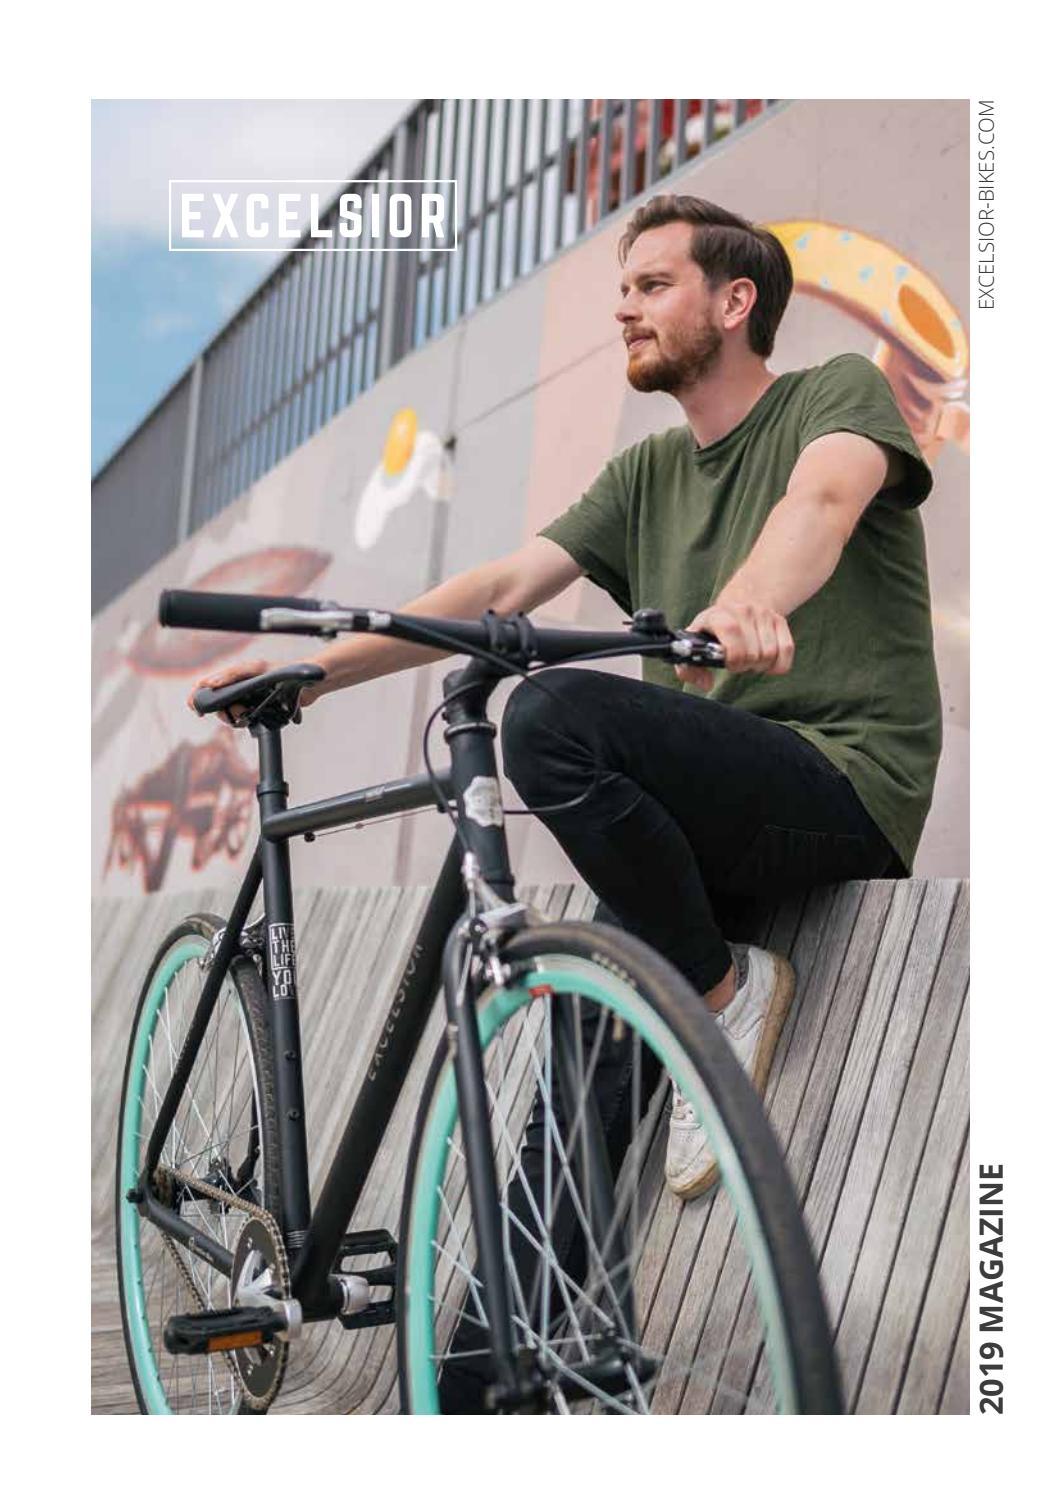 New 3 Speed Internal Gear Bike Câble 60 x 65 pour Sturmey Archer